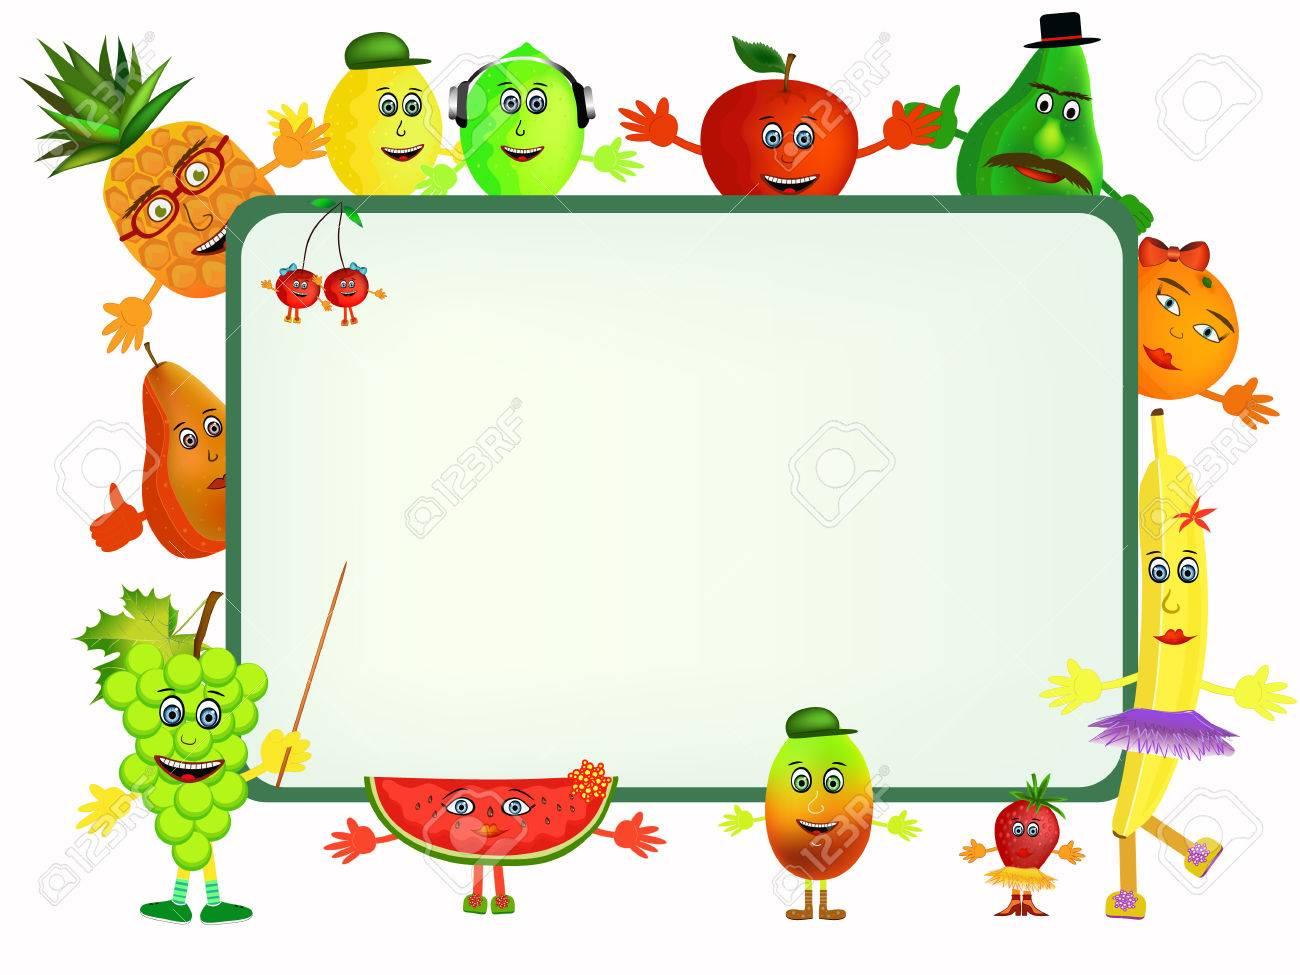 Coloridos Iconos De Dibujos Animados De Frutas Saludables Con